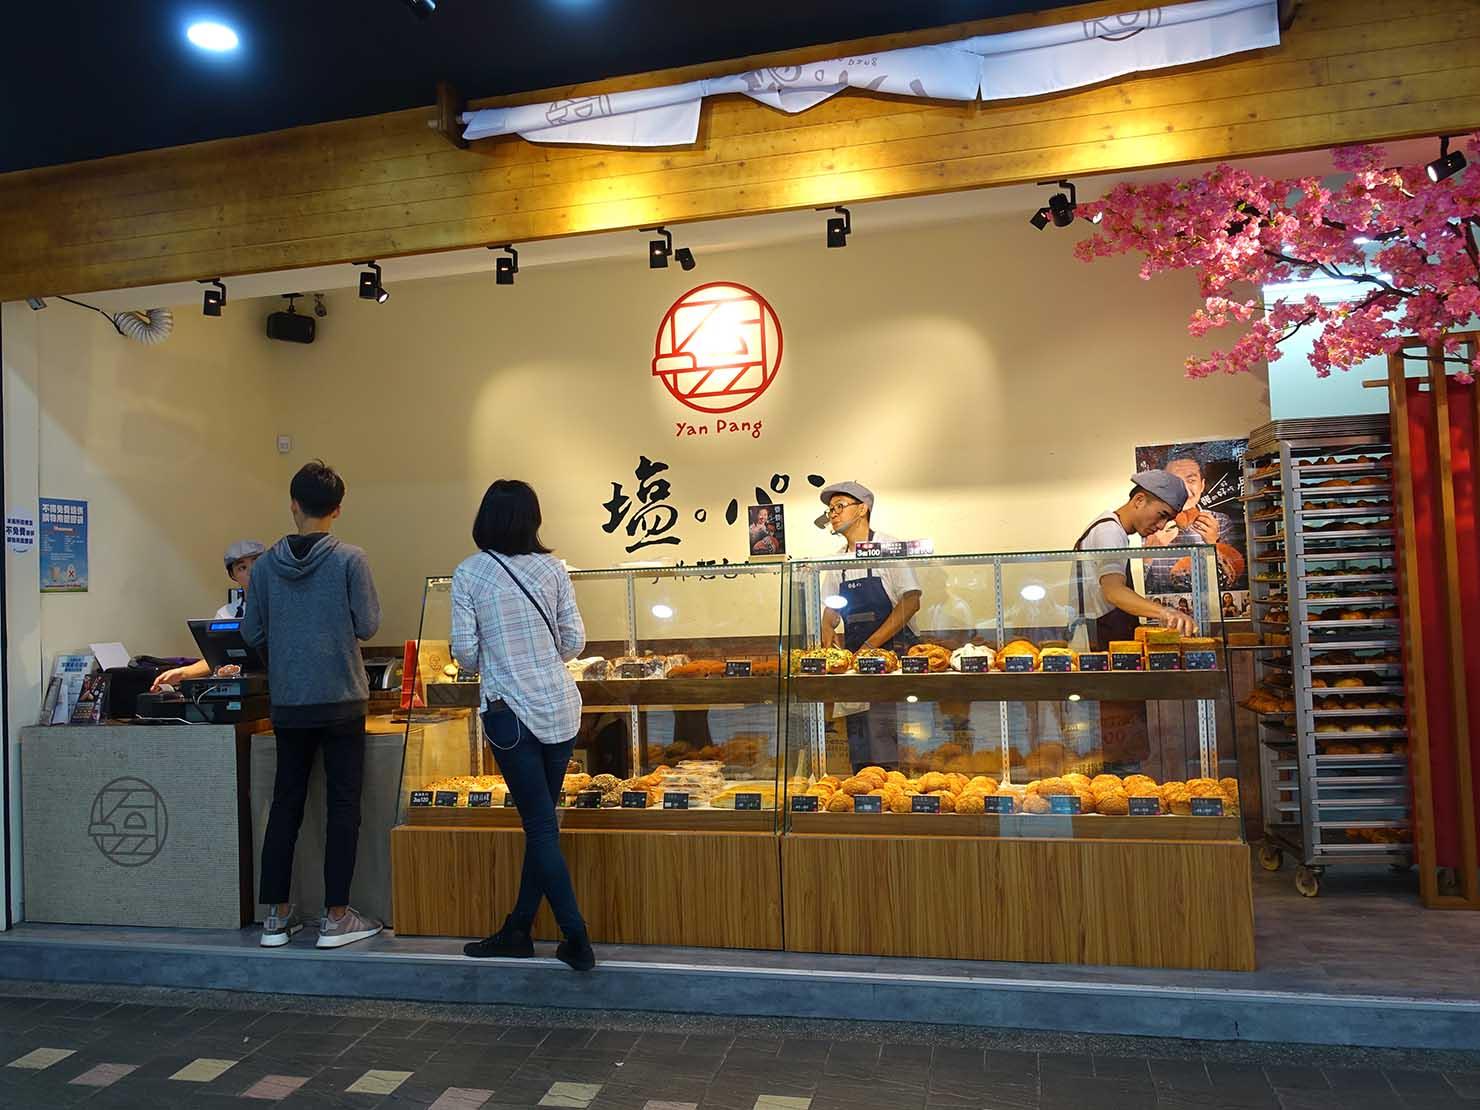 台北でよく見かけるおすすめのパン屋さん「塩パン」